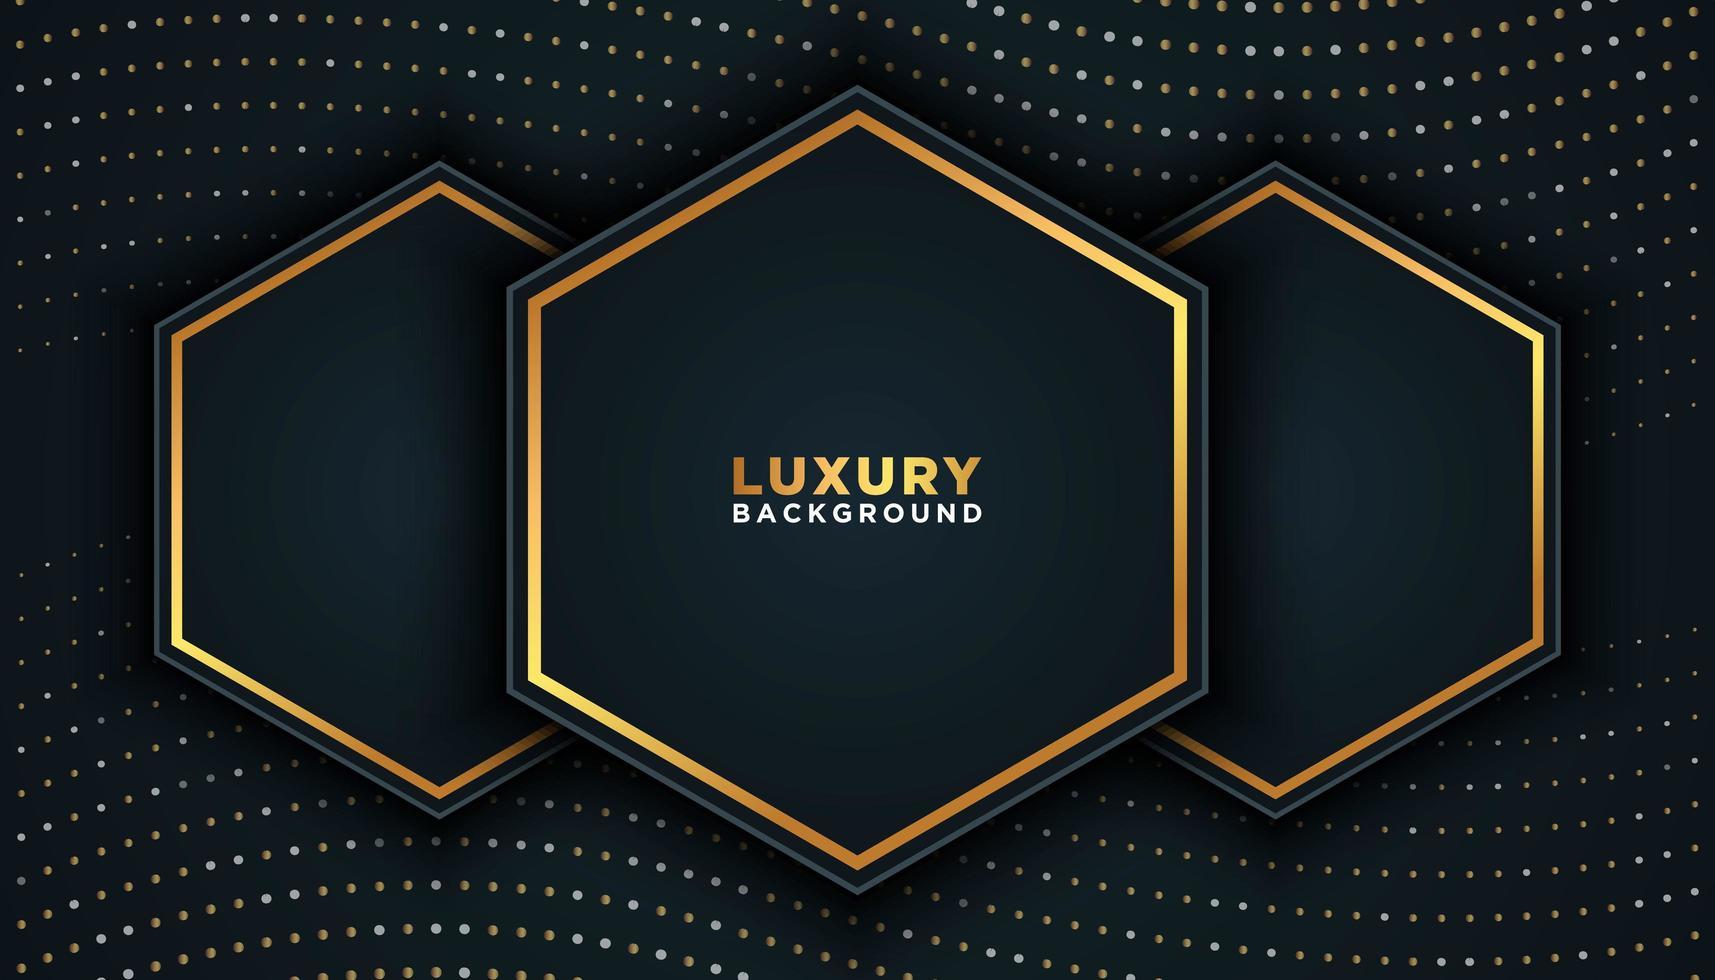 fond de luxe noir avec des points d'or et des hexagones vecteur